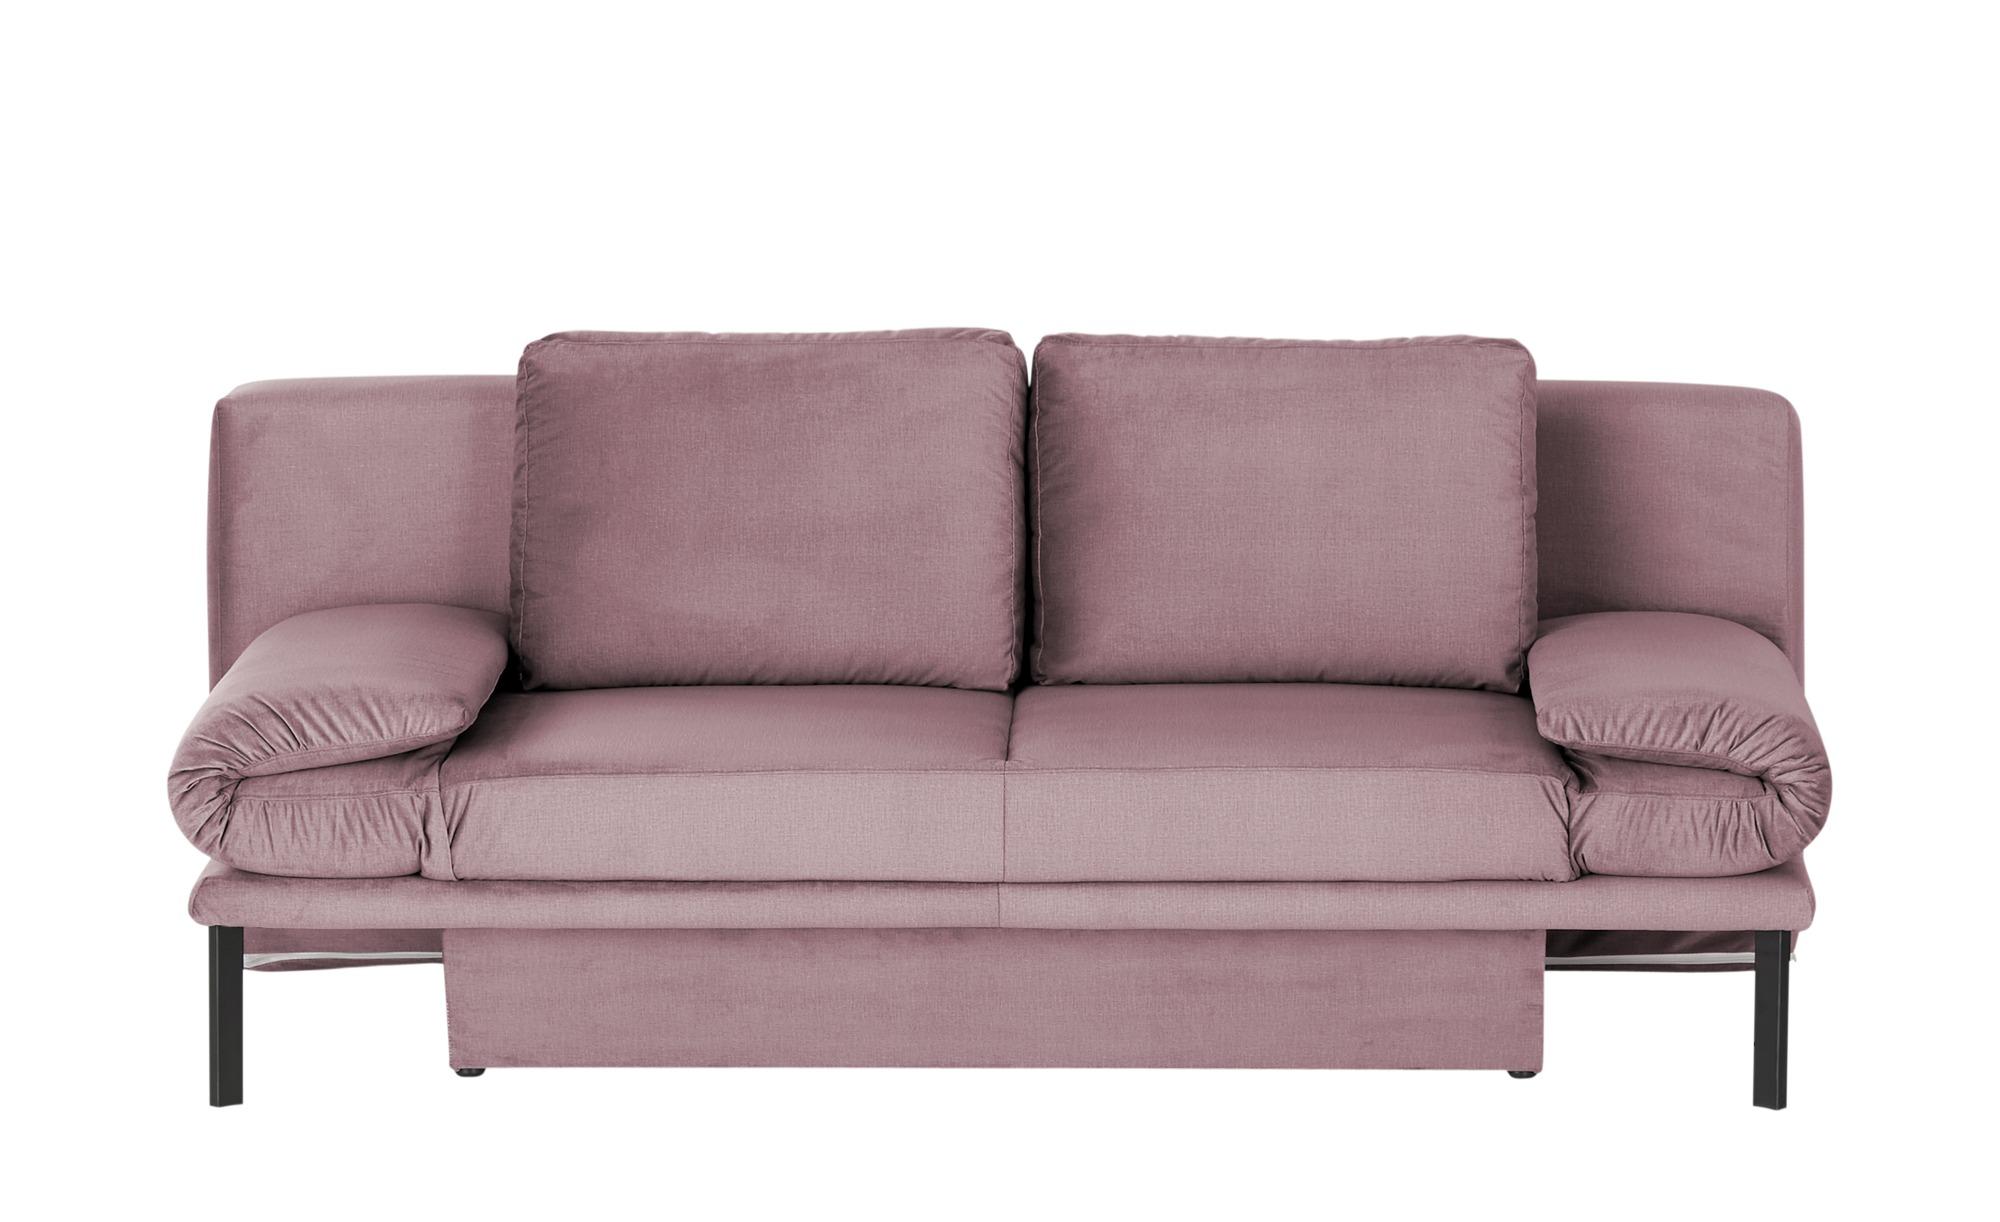 Querschläfer  Fancy ¦ rosa/pink ¦ Maße (cm): B: 206 H: 85 T: 99 Polstermöbel > Sofas > Einzelsofas - Höffner